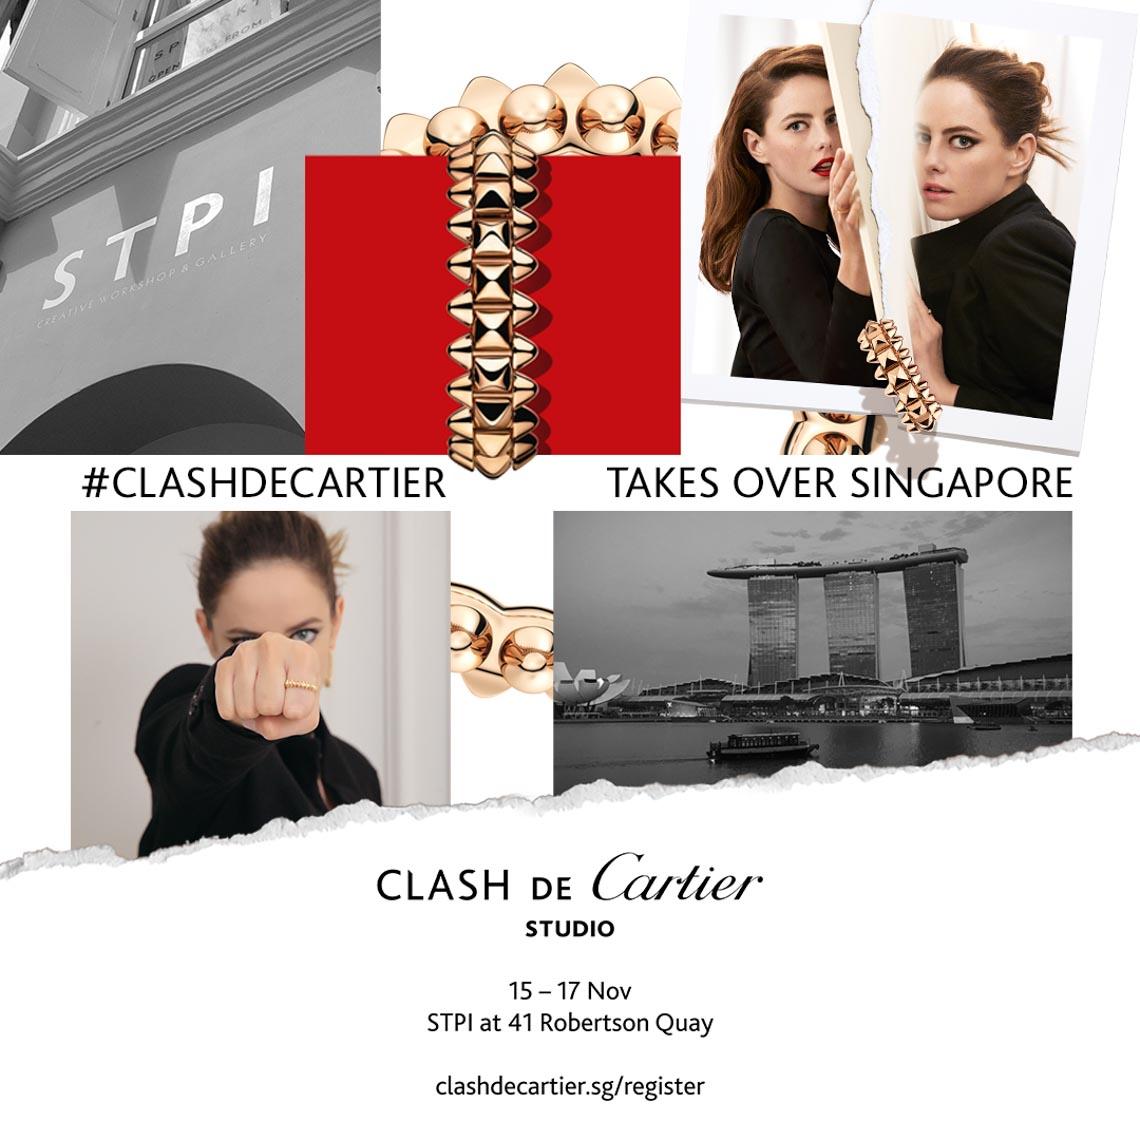 Cartier mở cửa hàng pop-up đầu tiên và lớn nhất Đông Nam Á tại Singapore-6